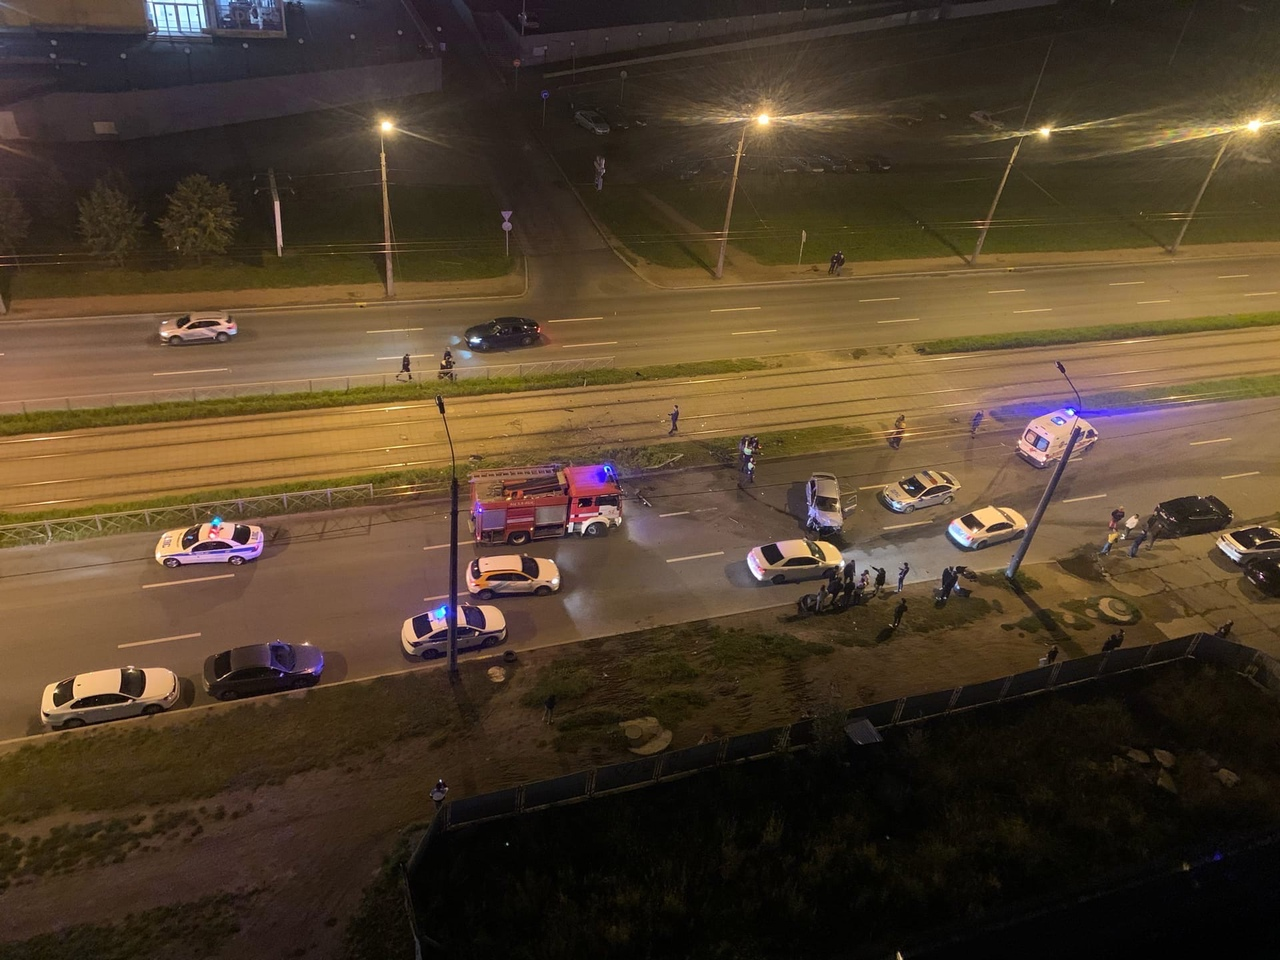 Авария по улице Коллонтай. Со слов очевидцев один из участников пытался скрыться с места дтп. После ...